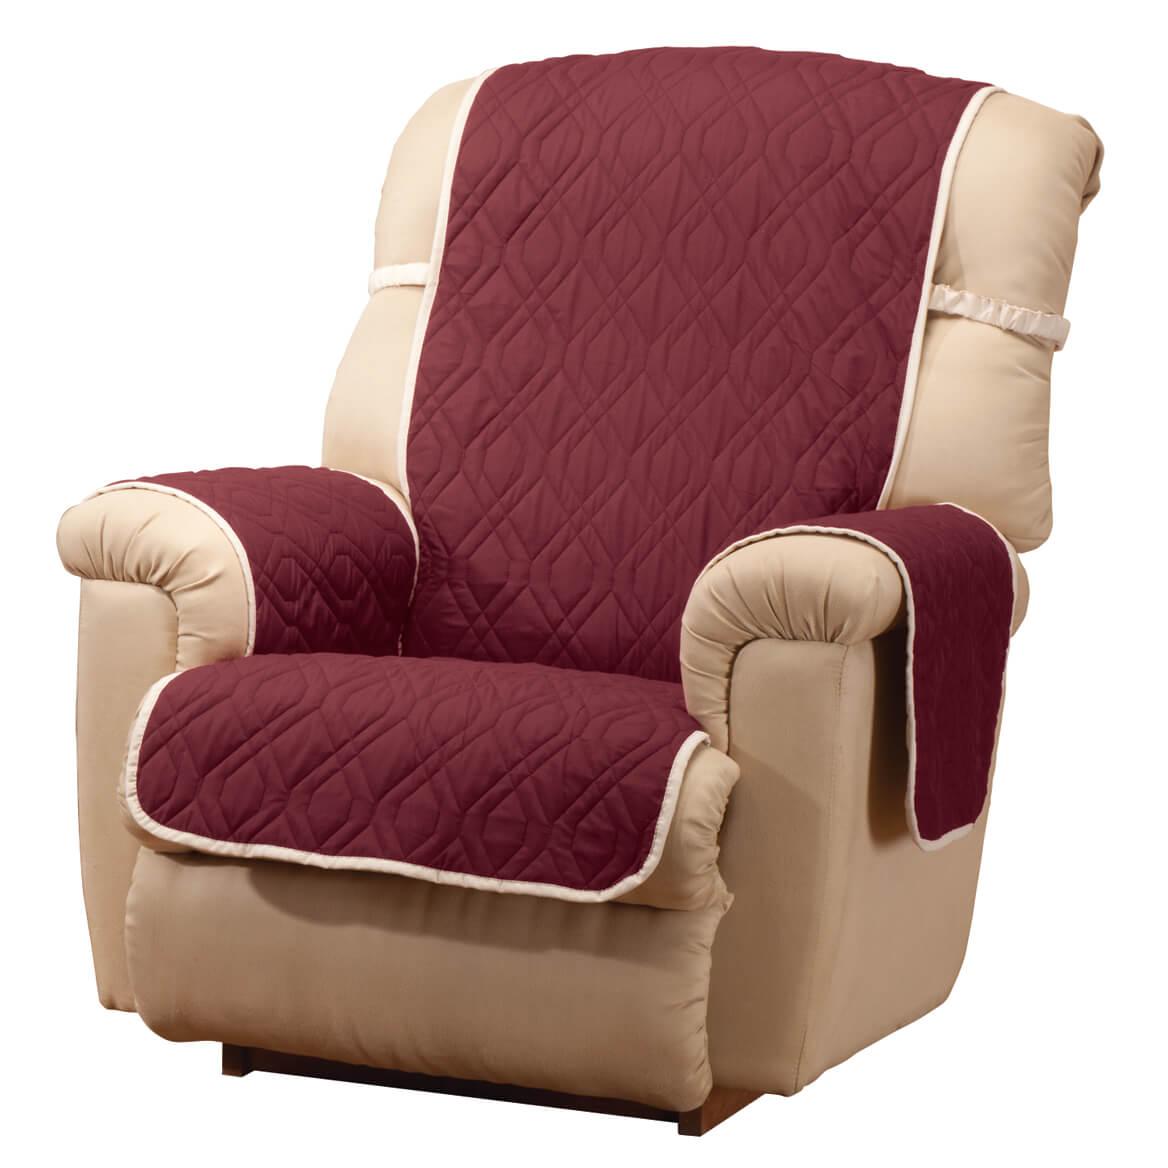 Deluxe Reversible Waterproof Recliner Chair Cover